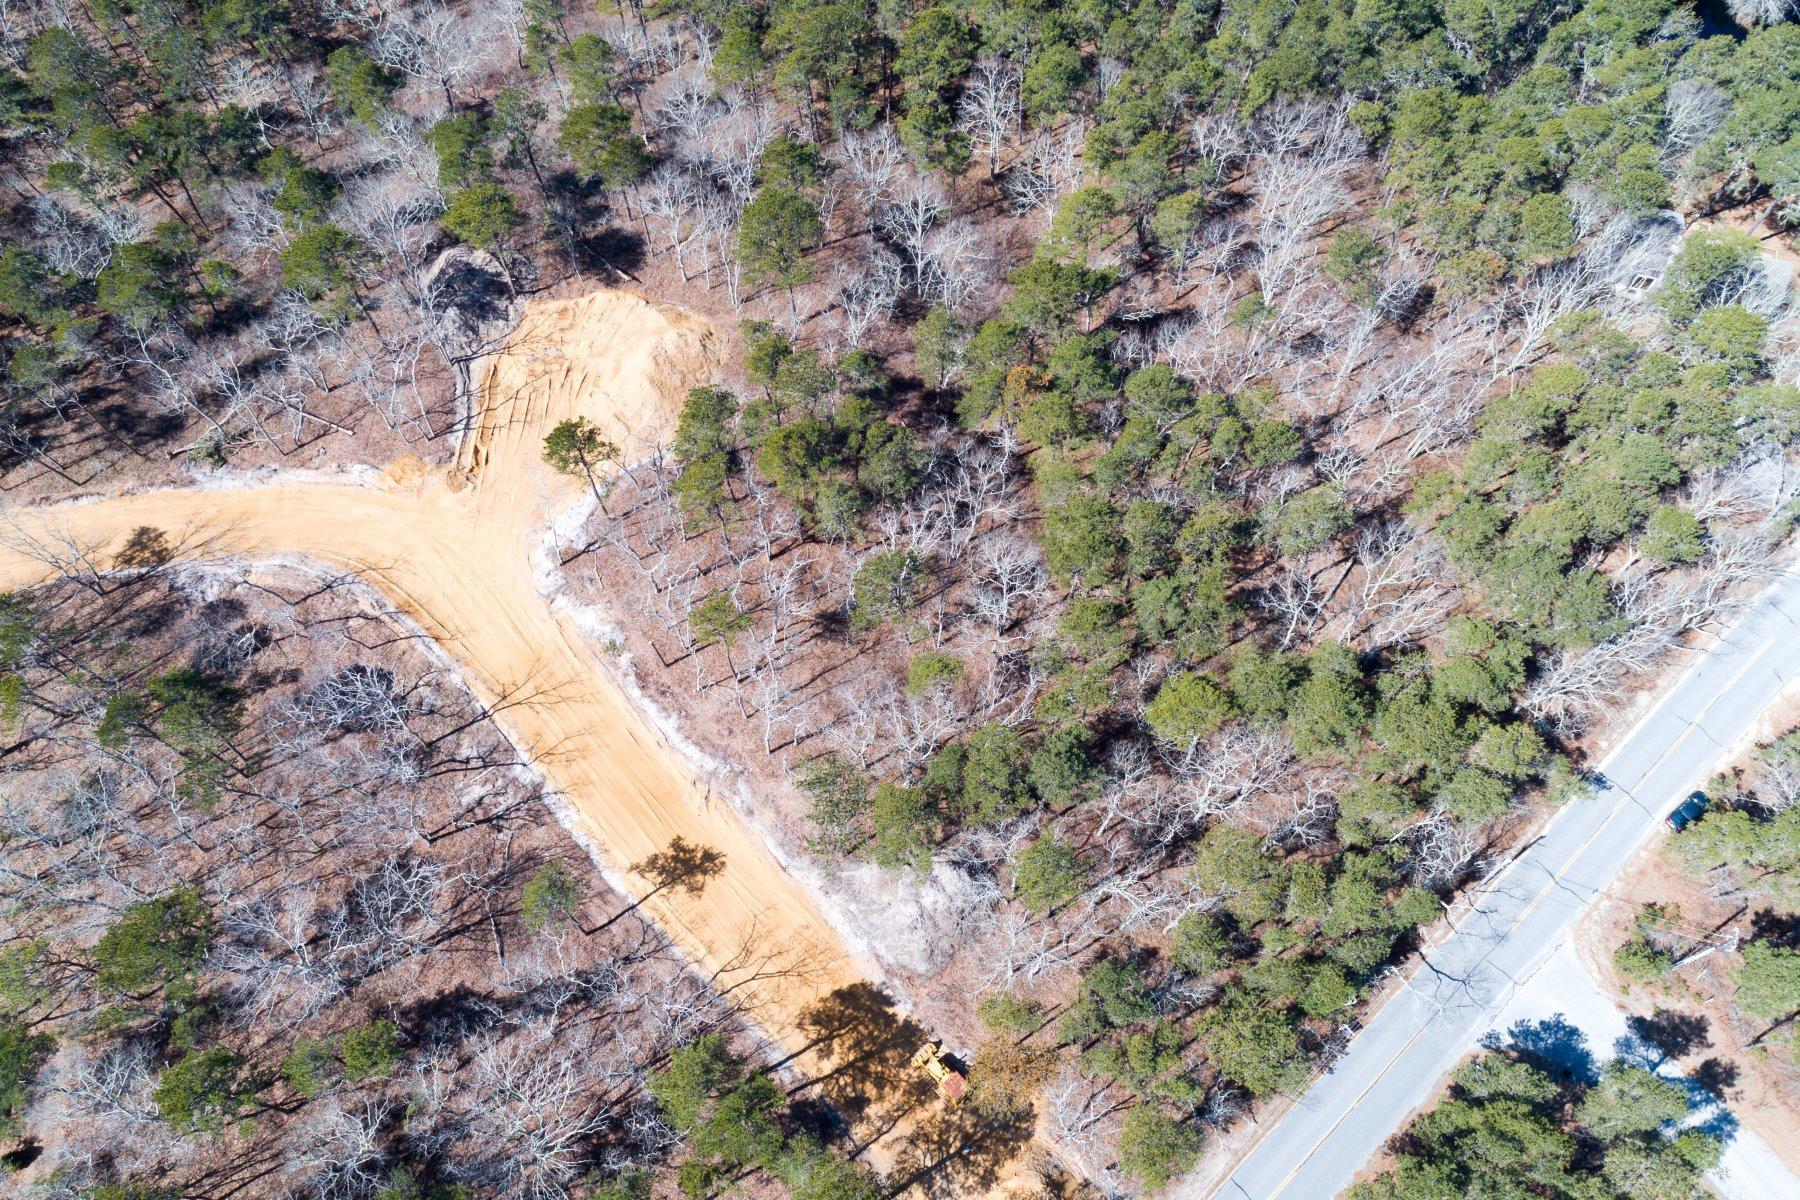 Terreno por un Venta en 1 Sam Hollow Road, Wellfleet, MA 1 Sam Hollow Road Wellfleet, Massachusetts 02667 Estados Unidos